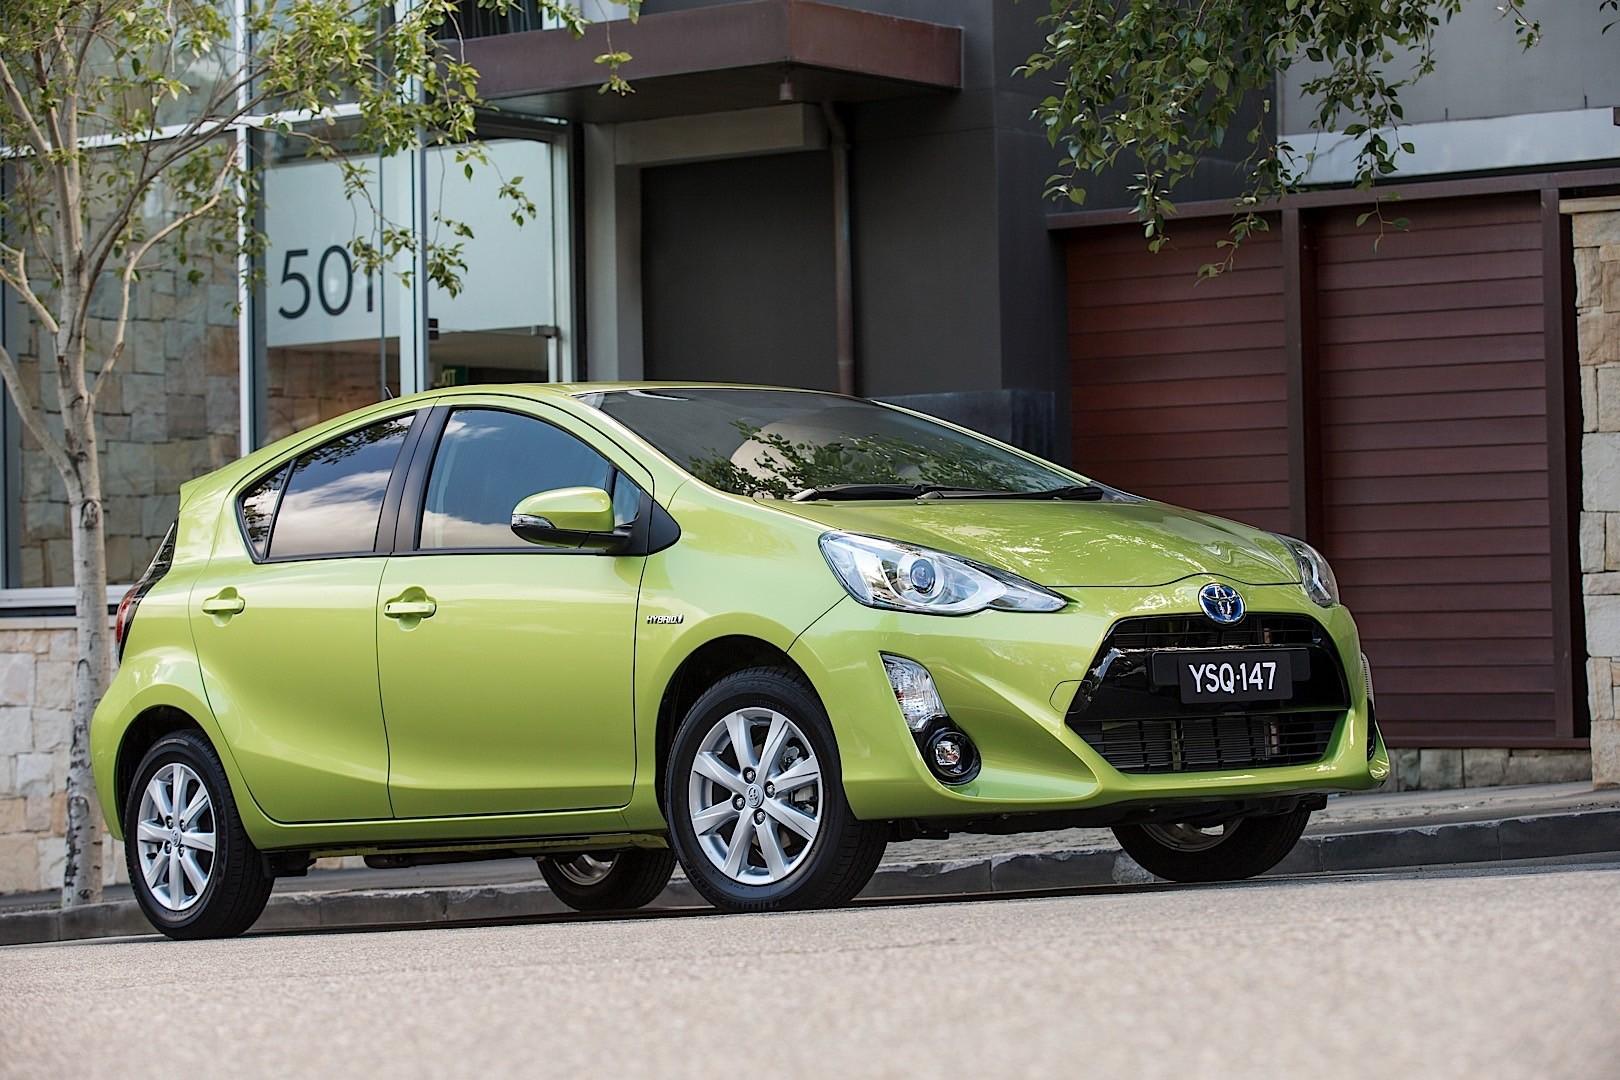 Toyota Prius Hybrid >> TOYOTA Prius C (Aqua) specs & photos - 2015, 2016, 2017 - autoevolution